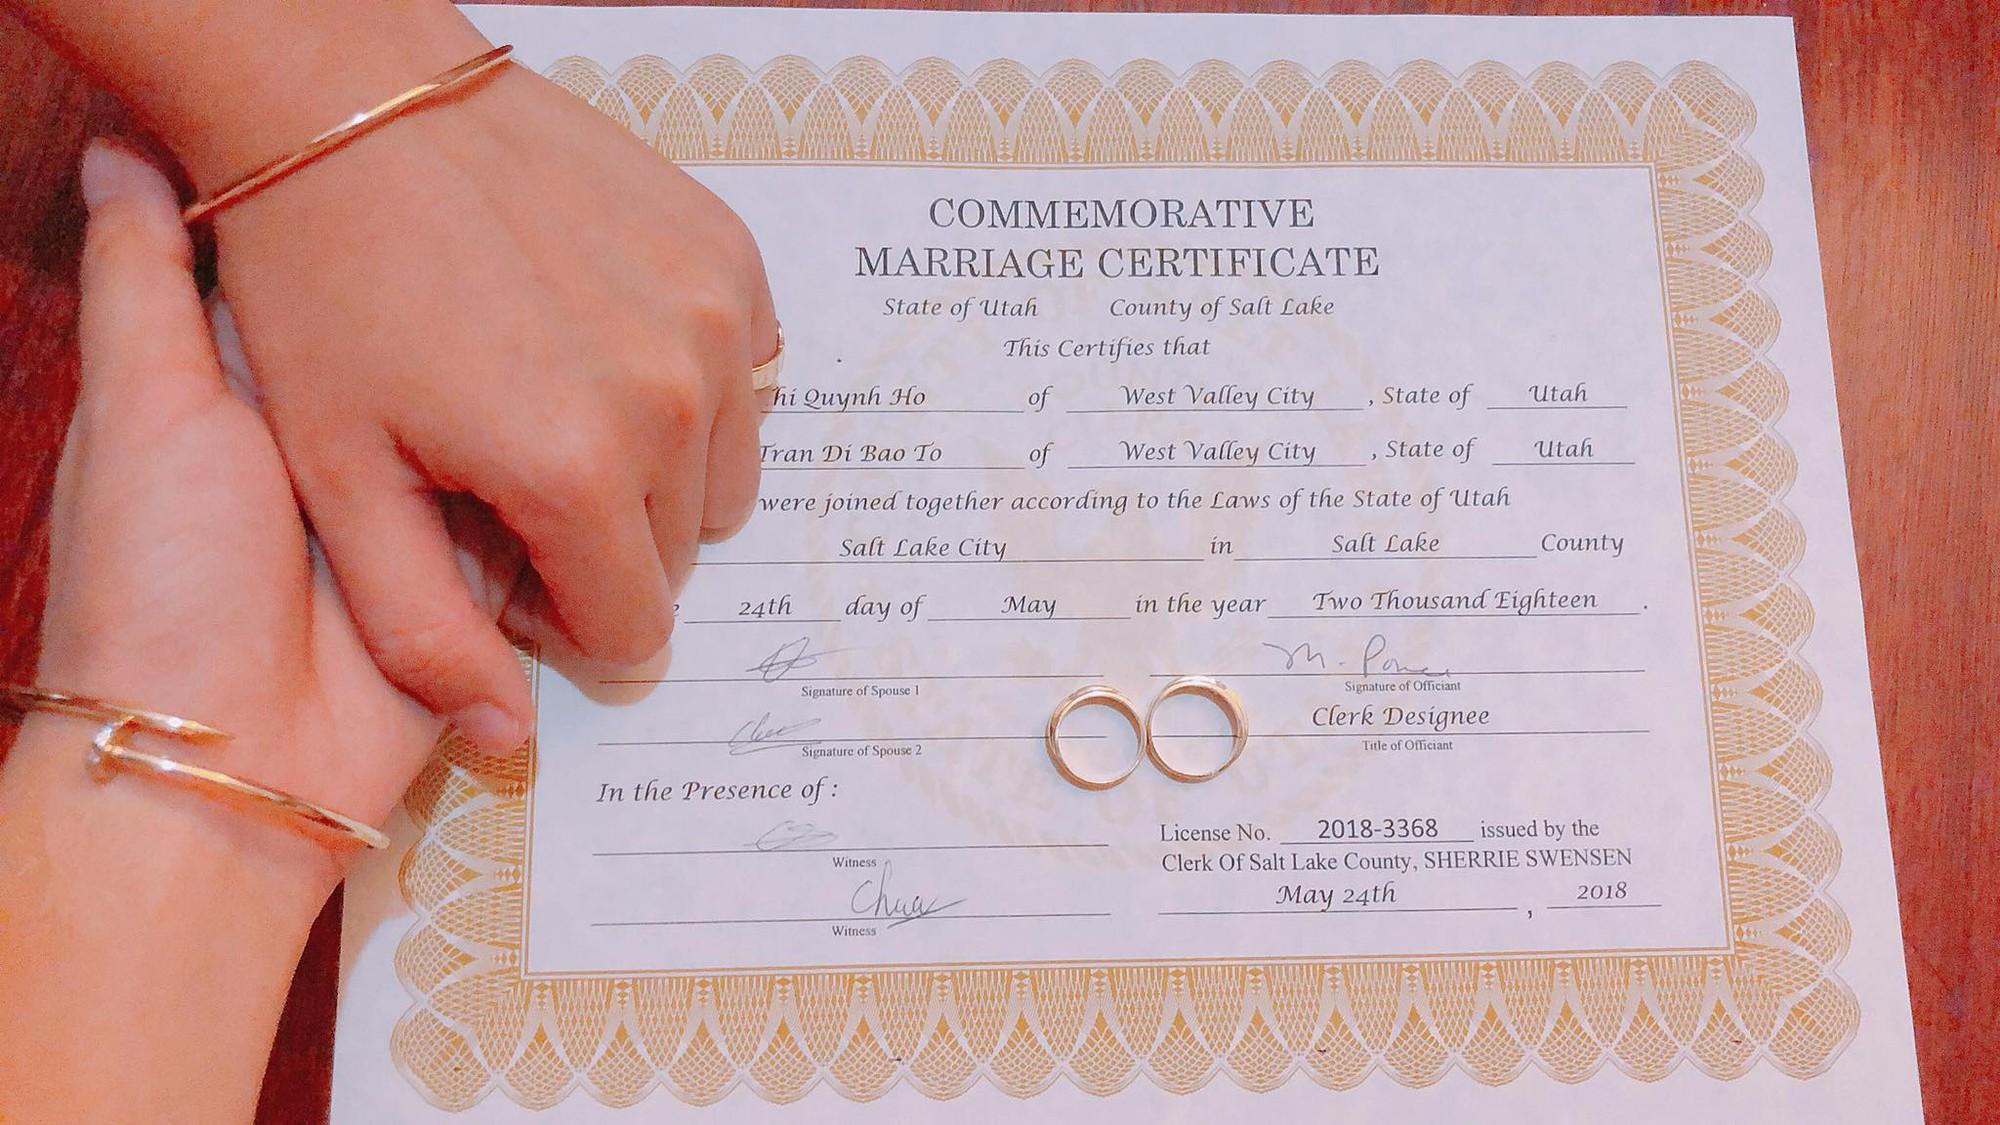 Tomboy Tô Trần Di Bảo đã kết hôn hợp pháp với bạn gái tại Mỹ - Ảnh 1.